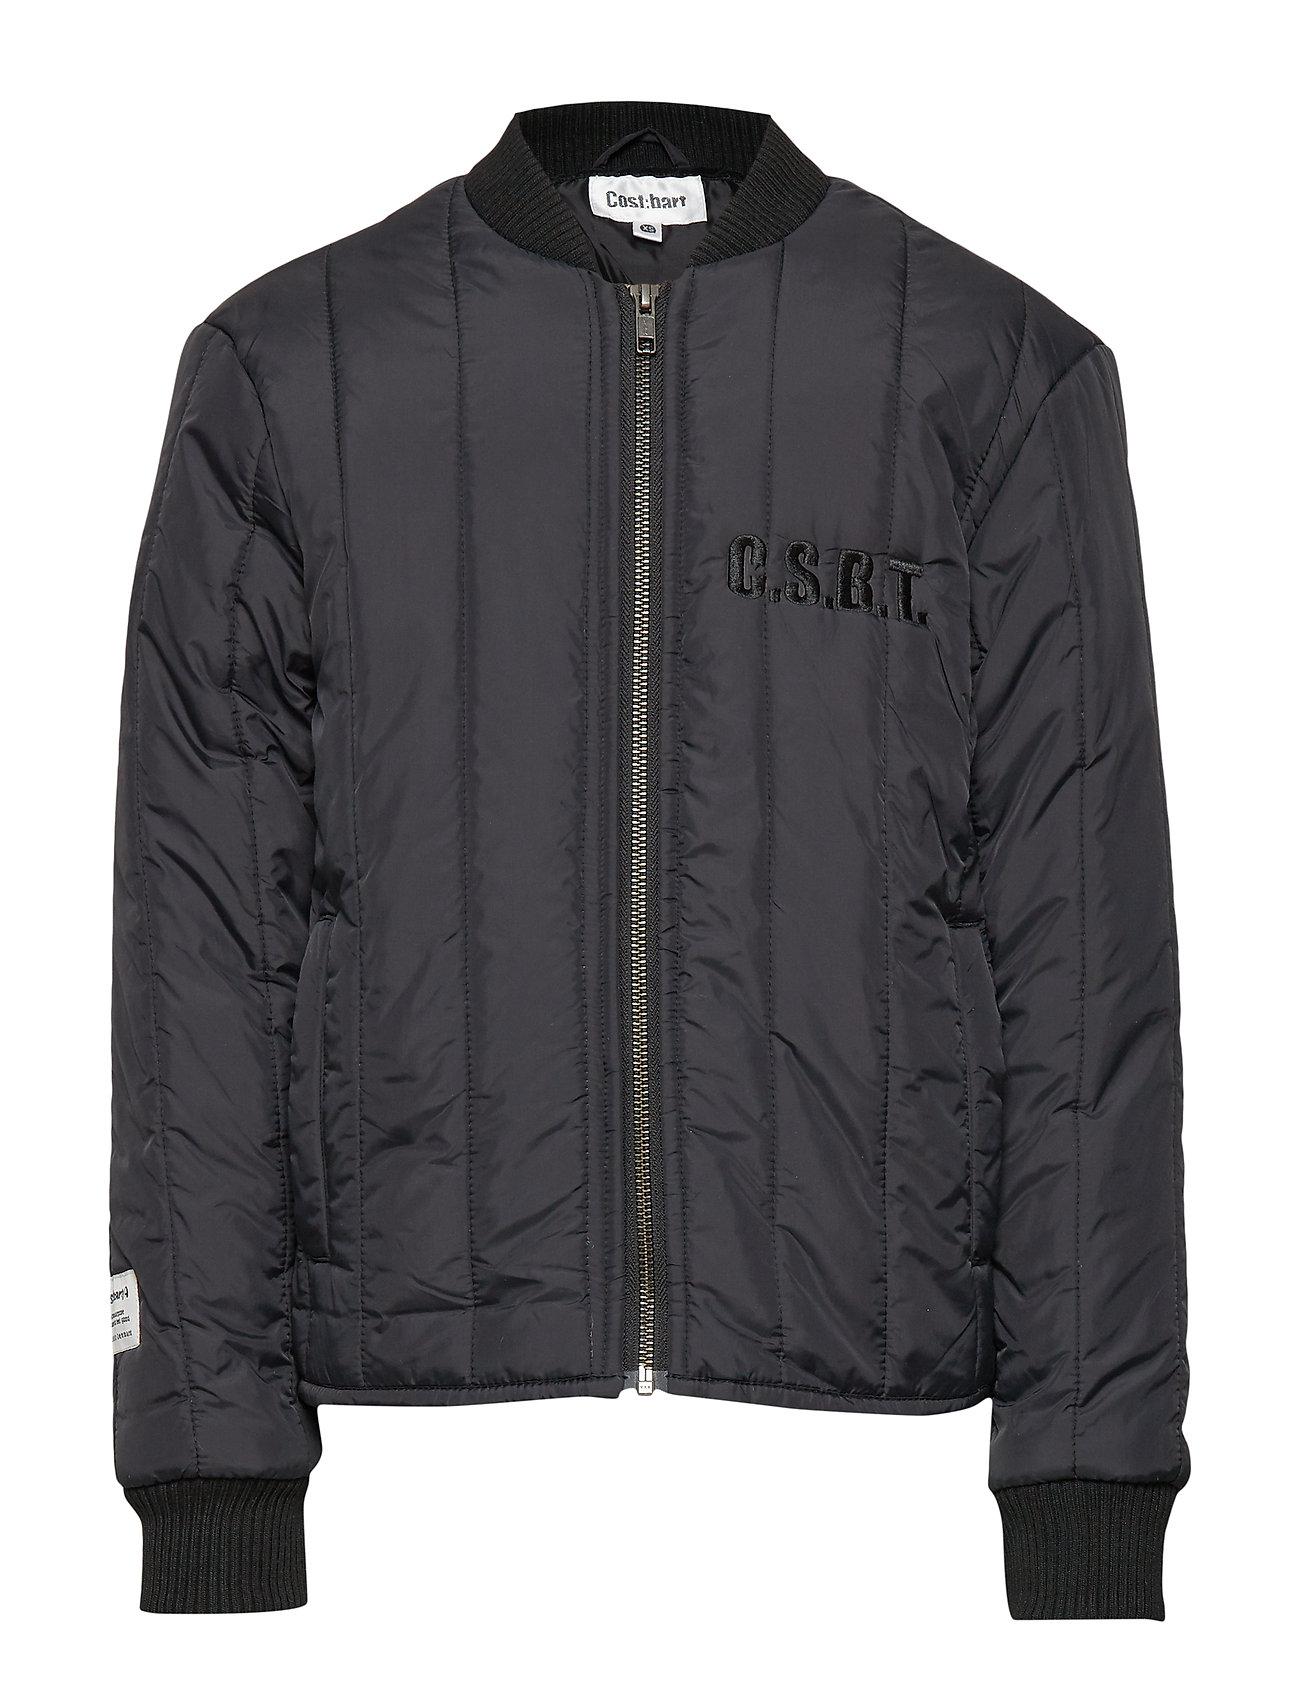 Costbart Holt Jacket - 999-BLACK